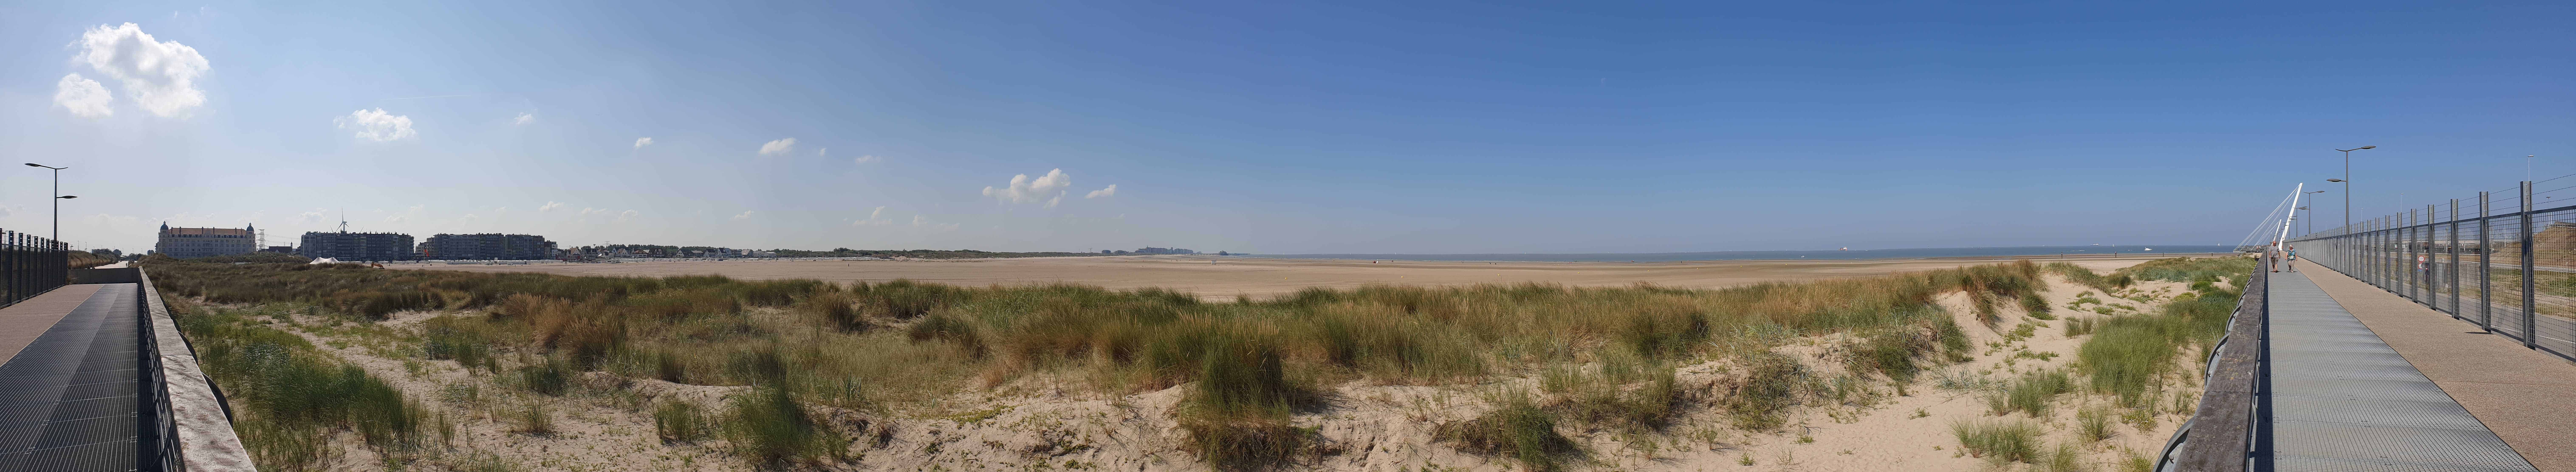 things to do on knokke beach, belgium, belgian coast, belgian seaside, ostende, sluis, bruges, brugge, holidays, day trip from Brussels, gent, zeebrugge, cadzand, hotels in knokke, appartments in knokke, shopping